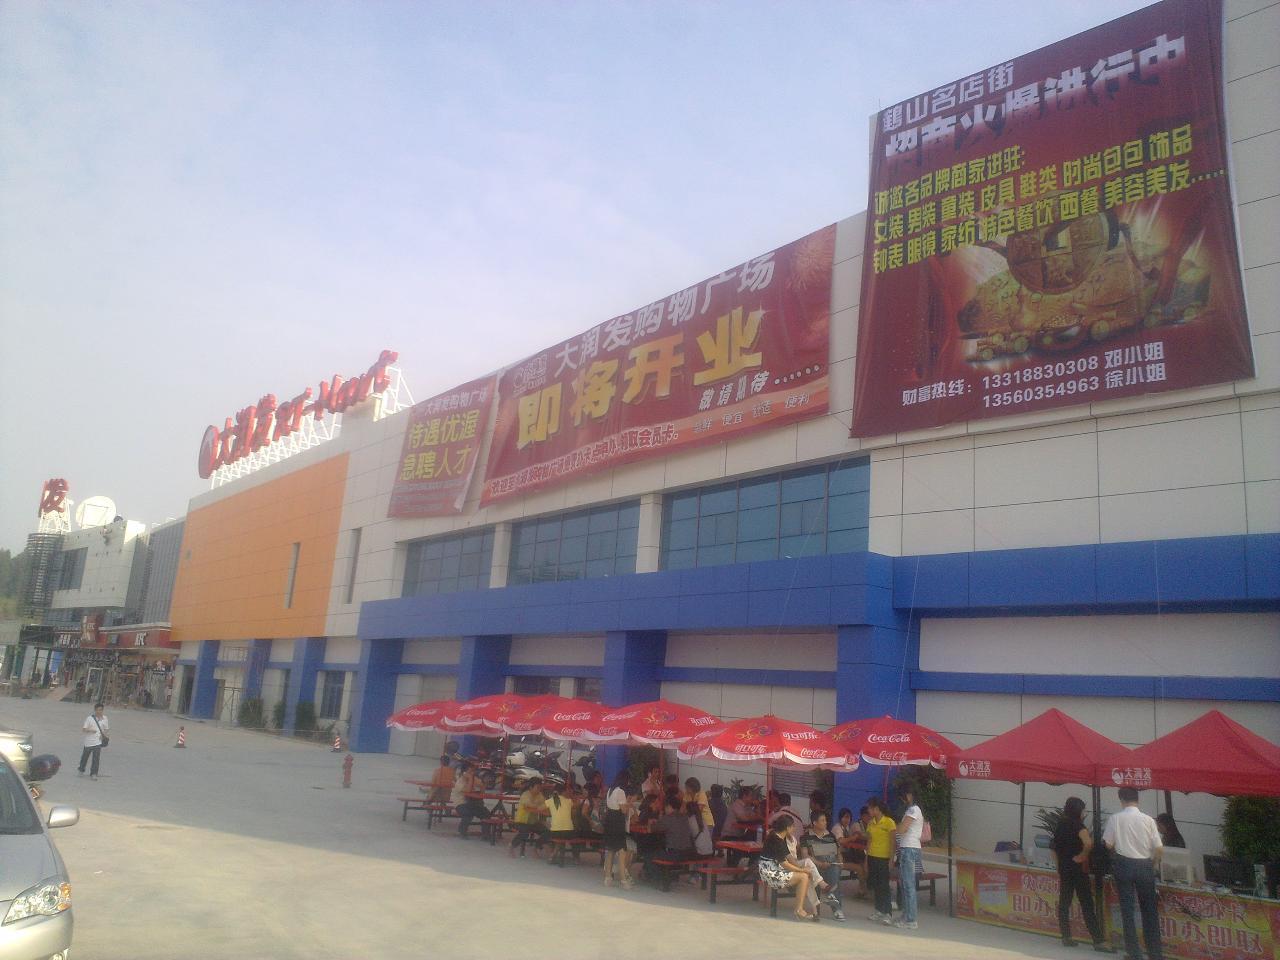 鹤山凤凰新都荟商业中心是目前鹤山最大的购物广场,总面积超过5万平方